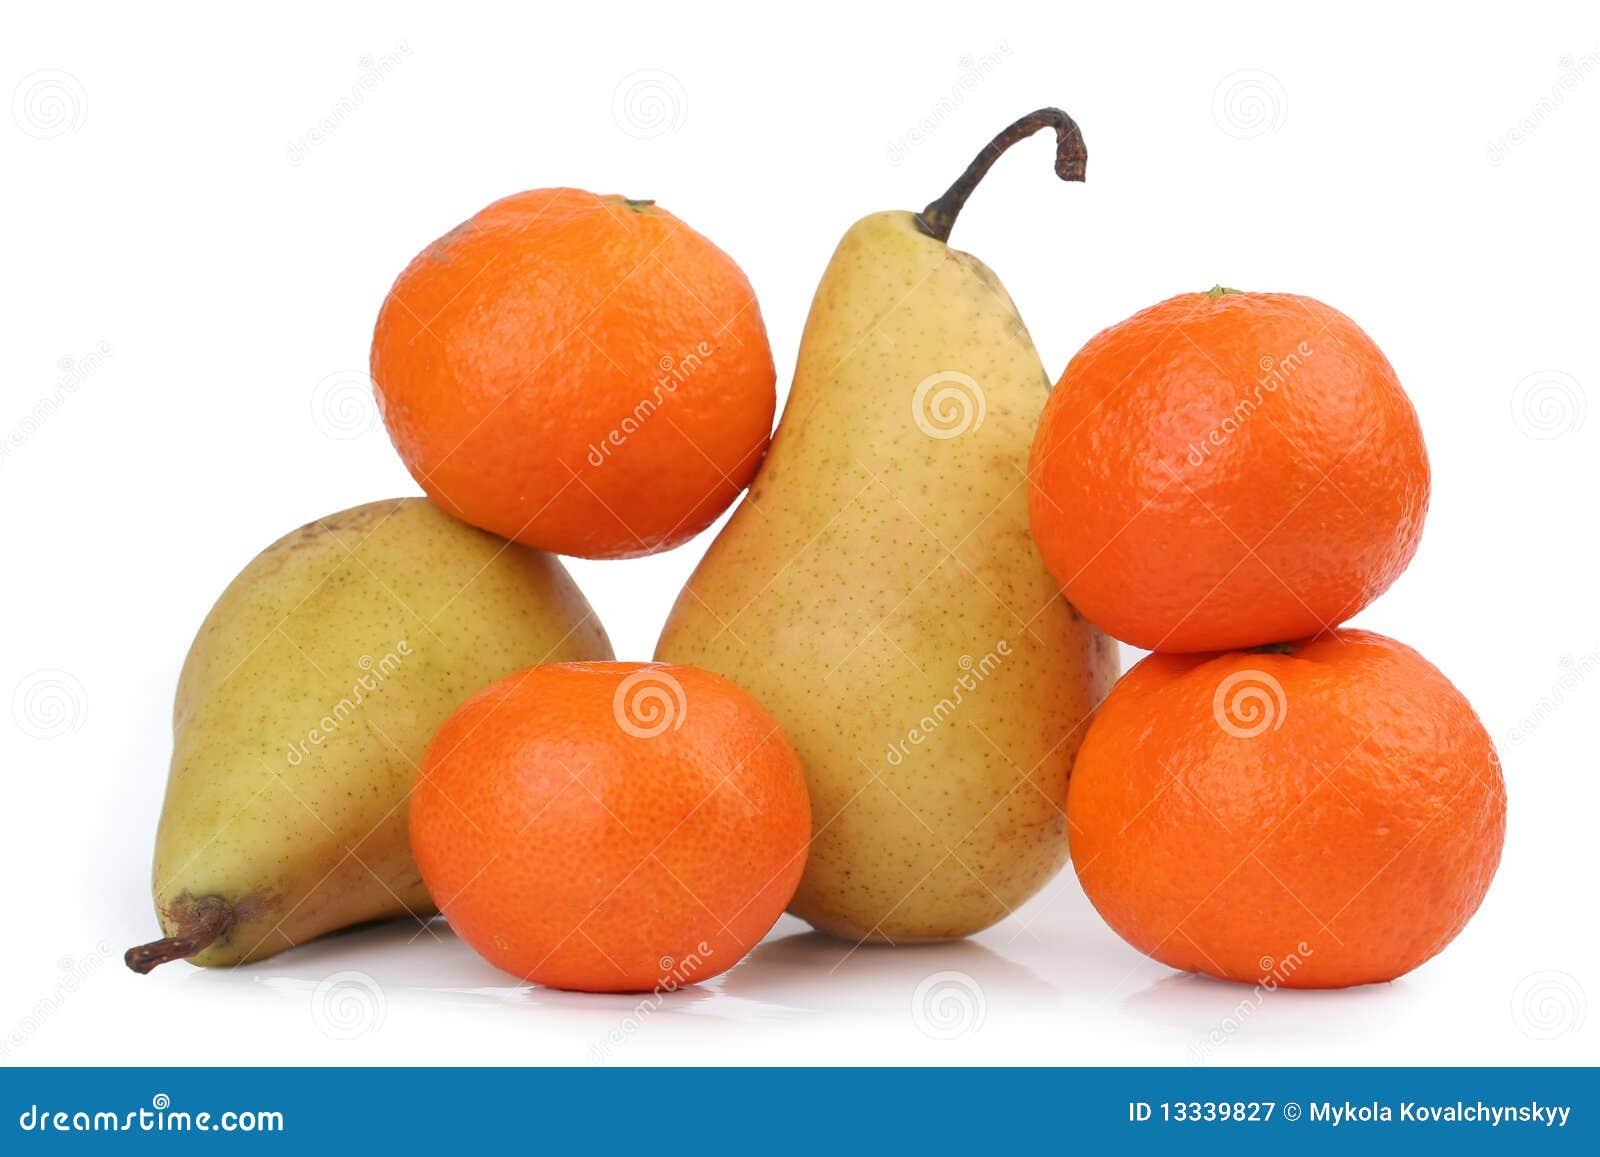 Tangerine груши